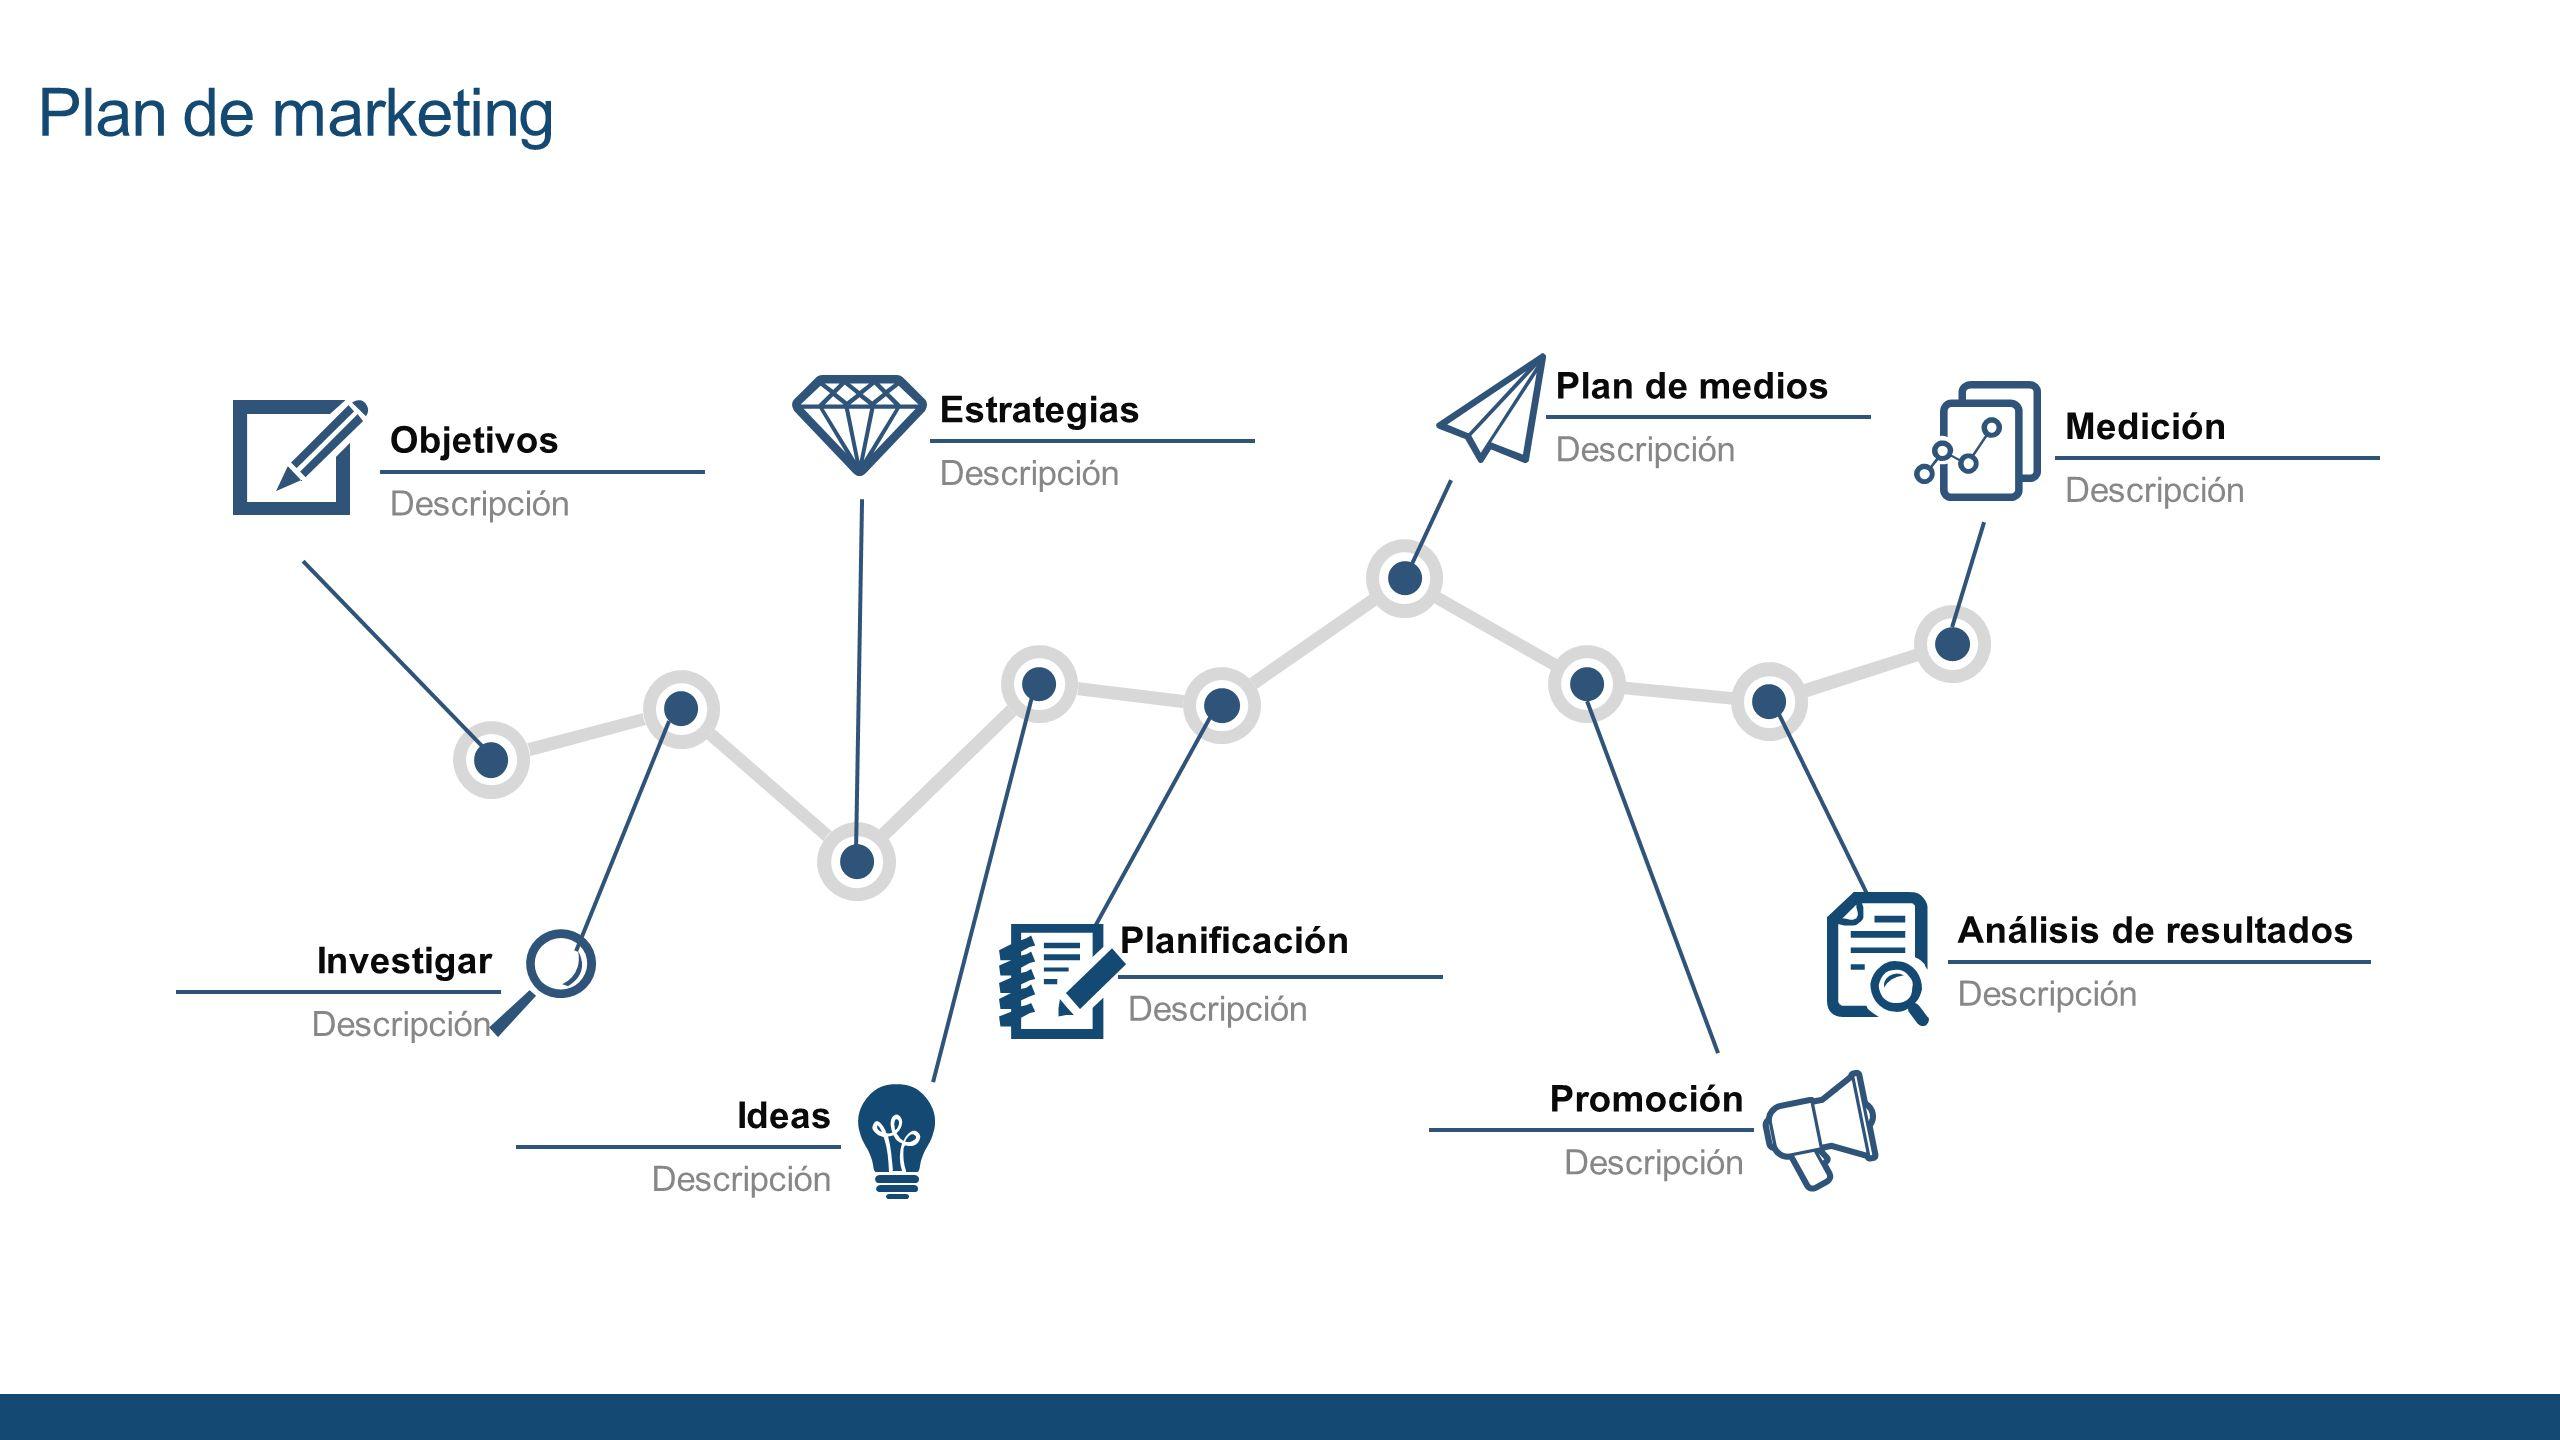 Plantilla mágica para crear presentaciones, propuestas, cursos, etc ...